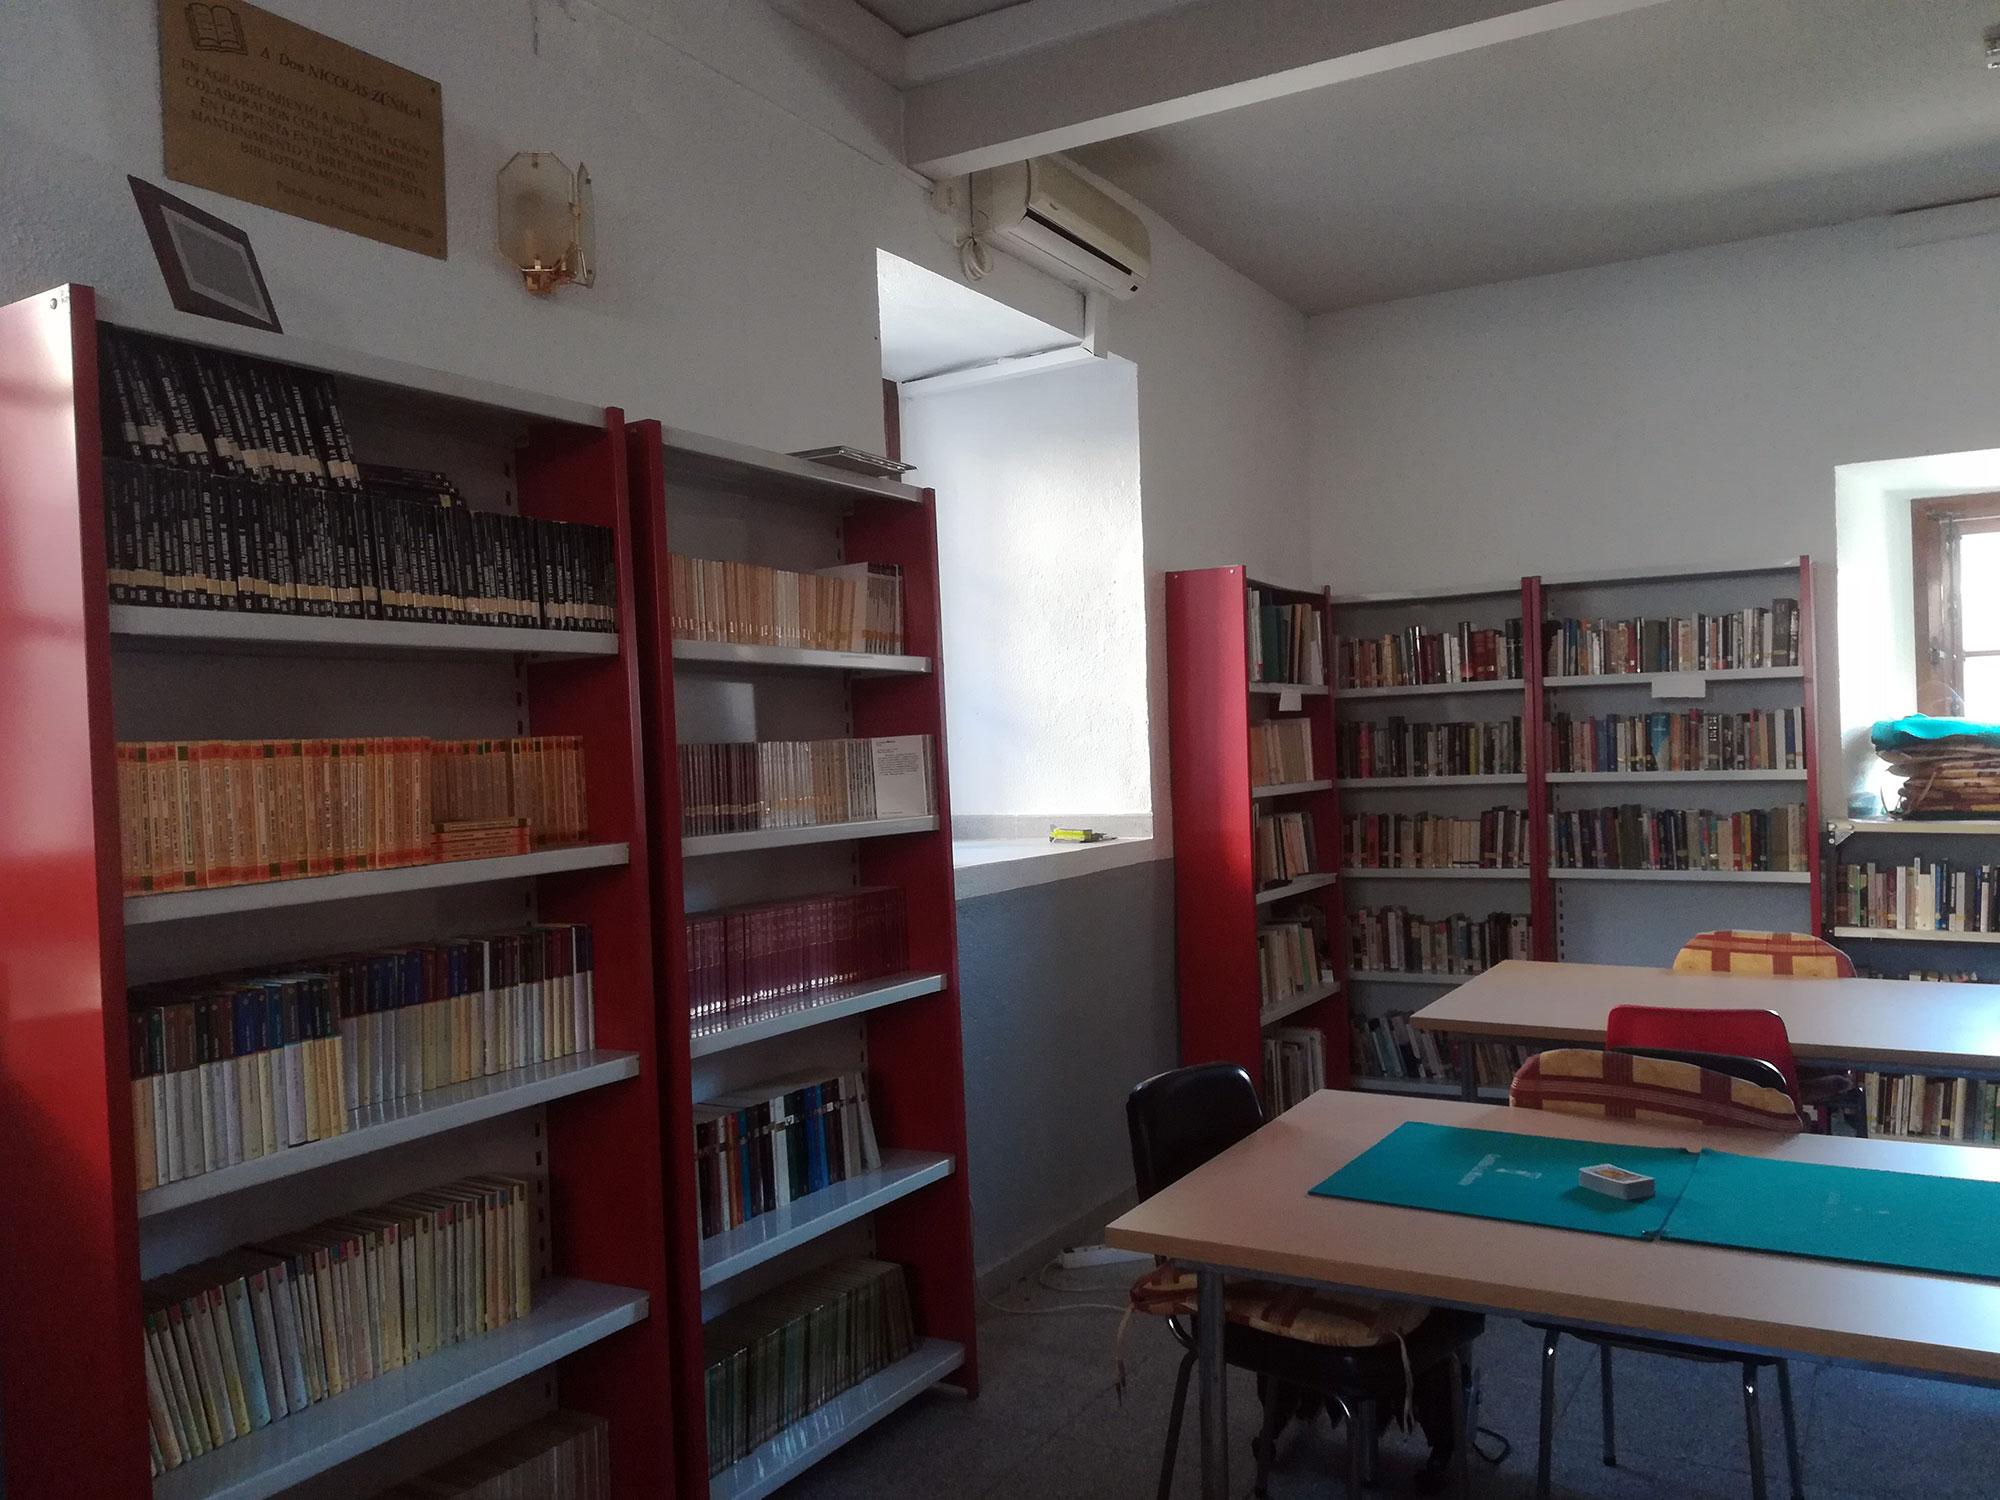 Área de Cultura - Biblioteca - Ayuntamiento de Paredes de Escalona